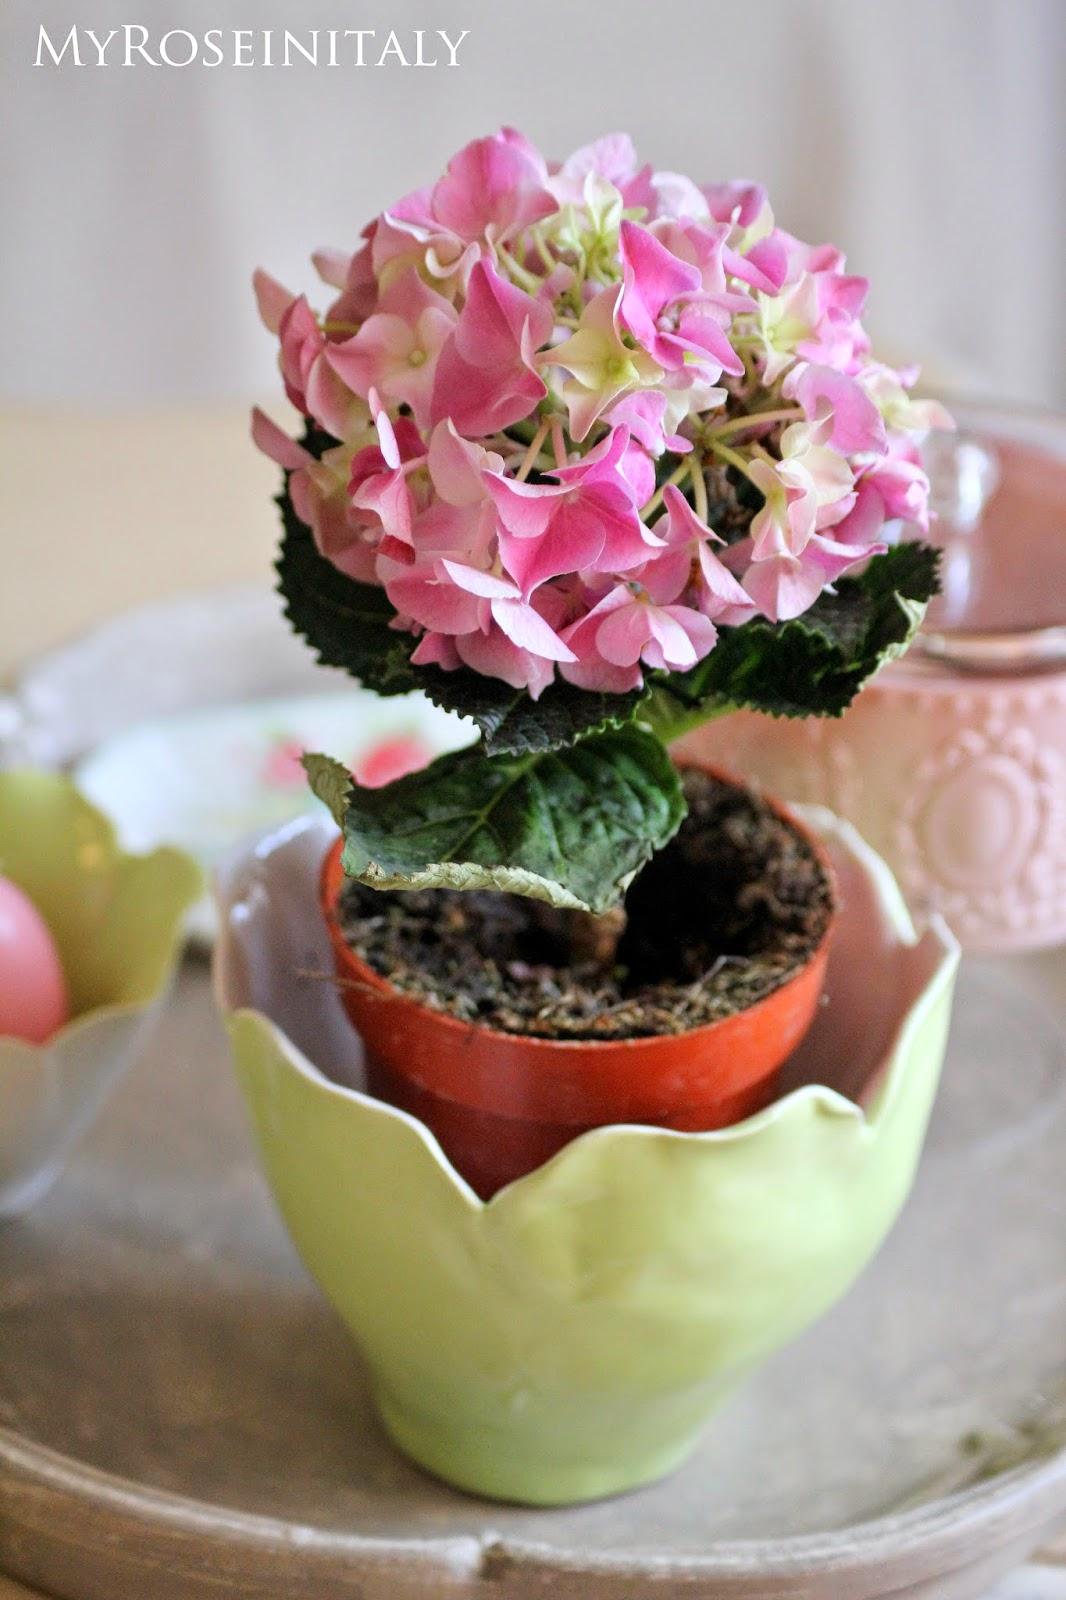 My roseinitaly casa di primavera e ultimi acquisti for Ultimi progetti di casa